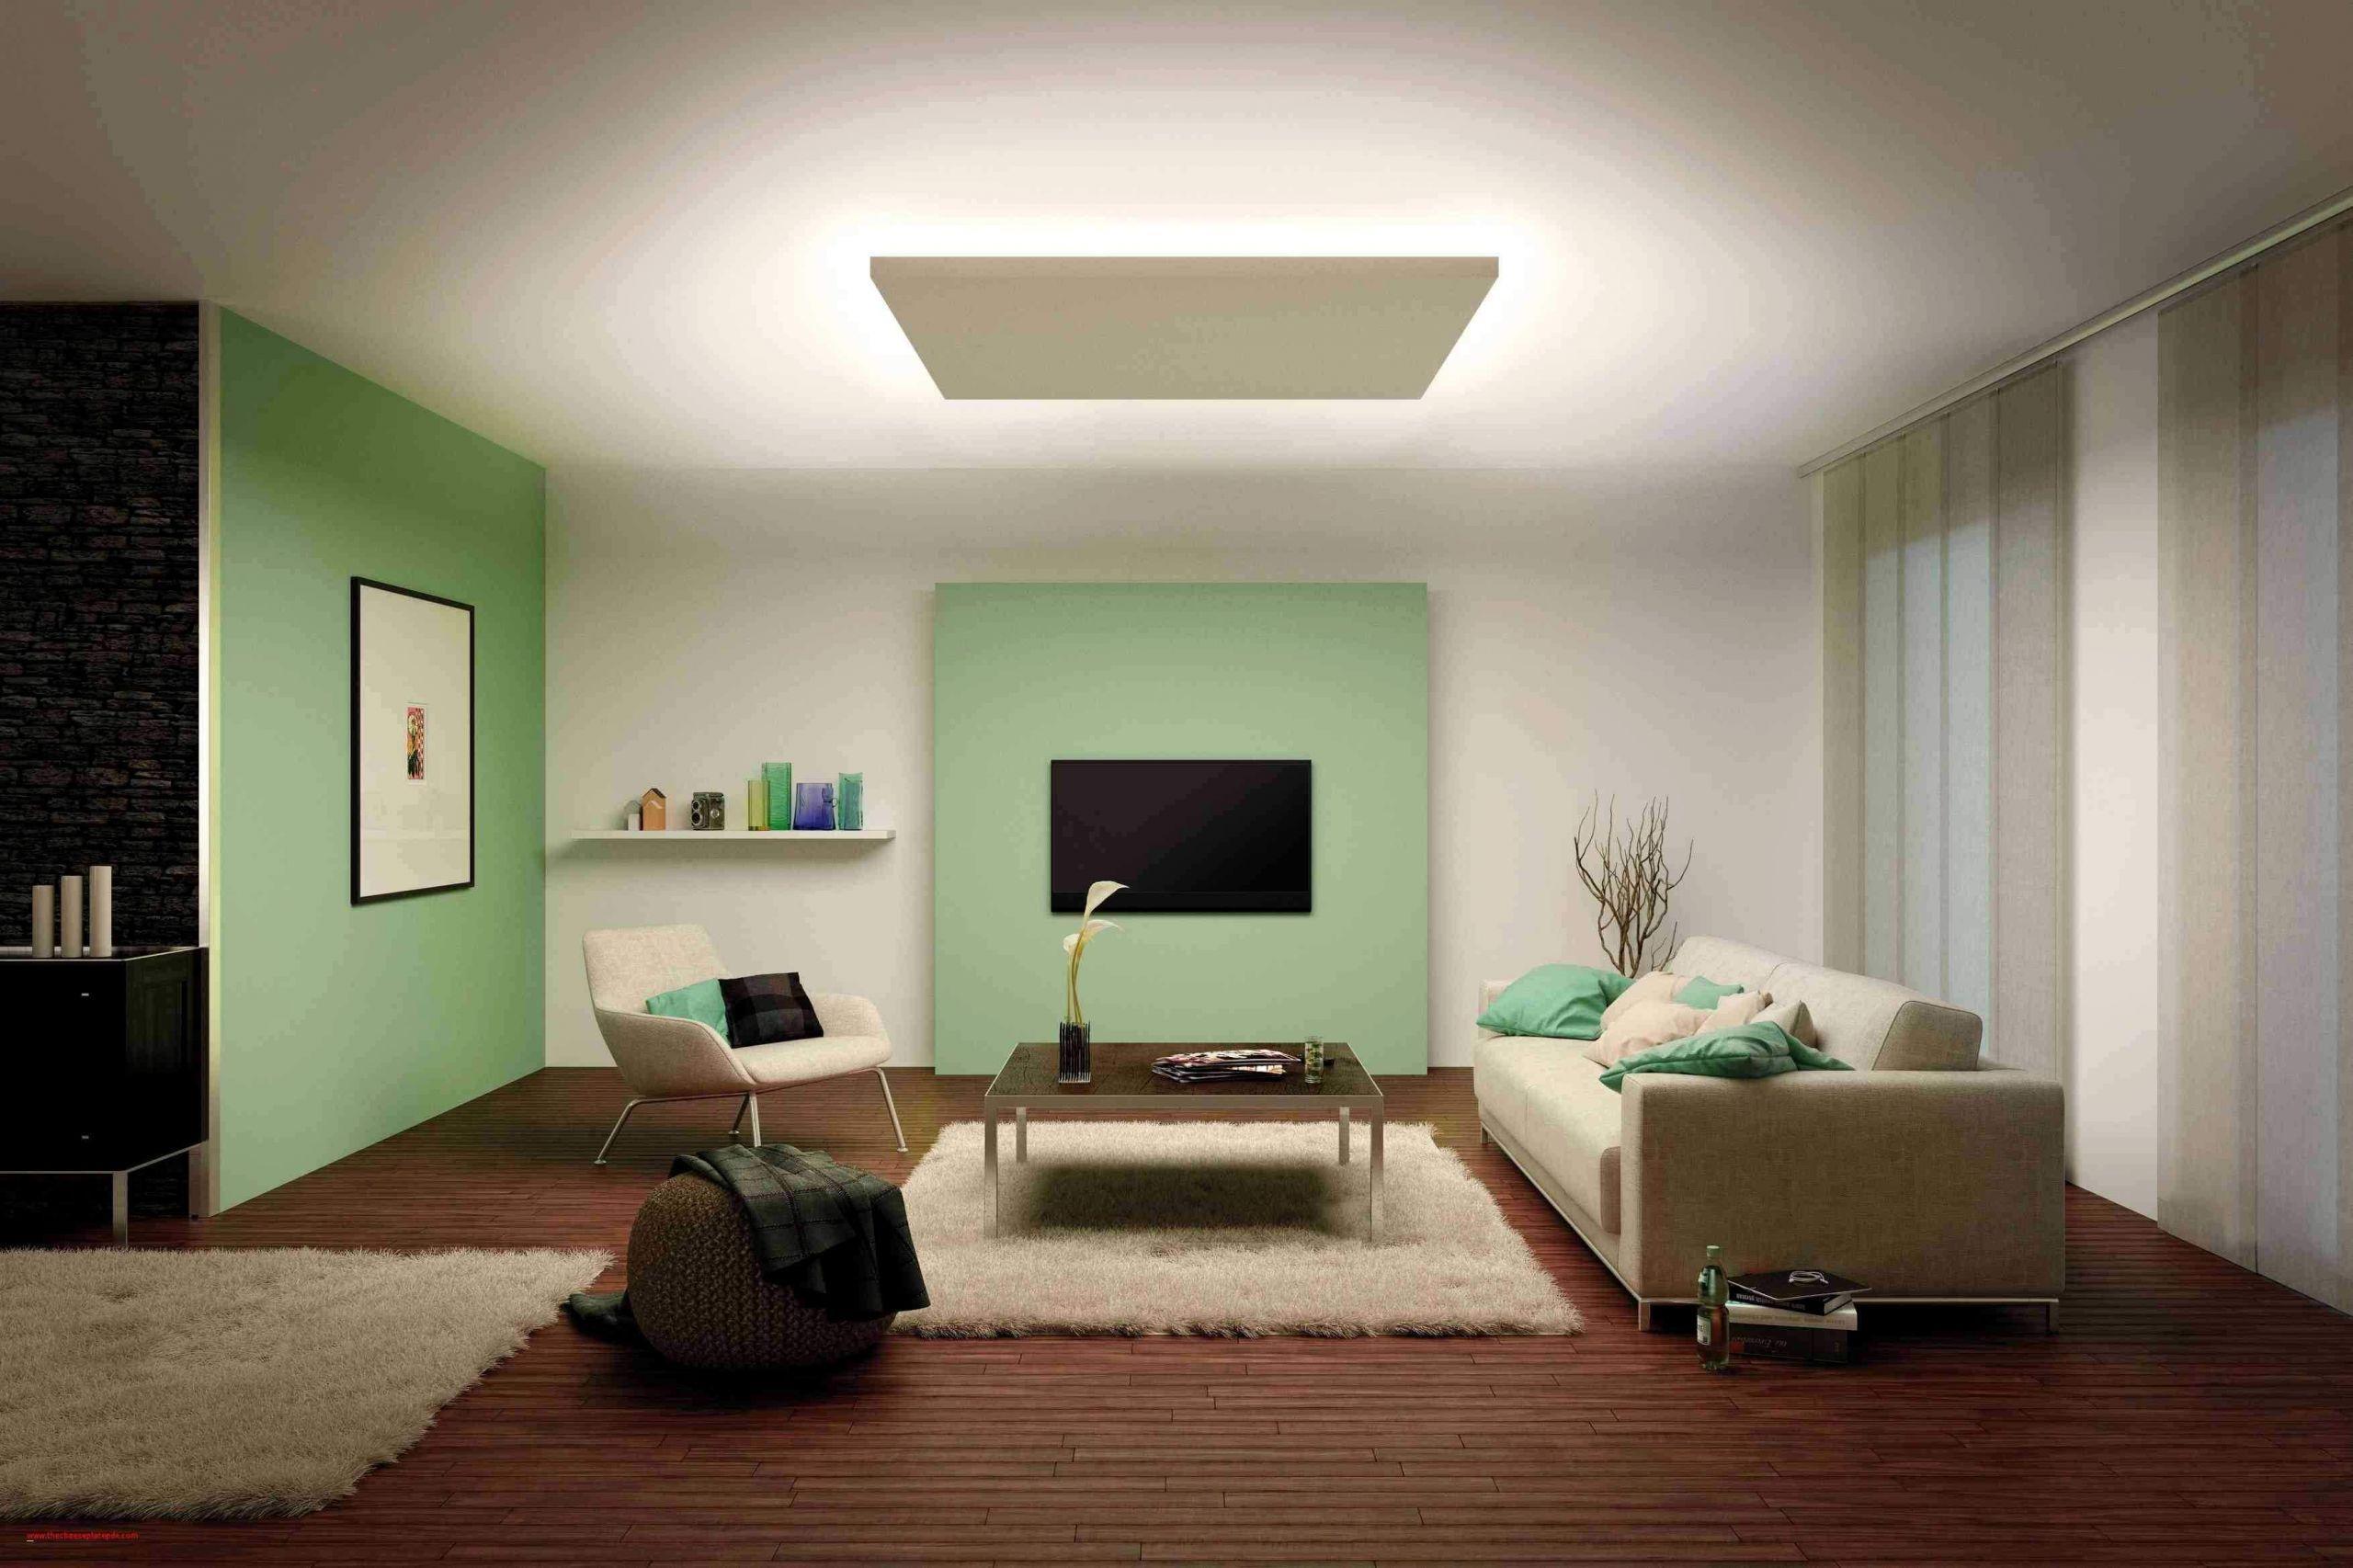 Wohnzimmer Deckenlampe Led Dimmbar